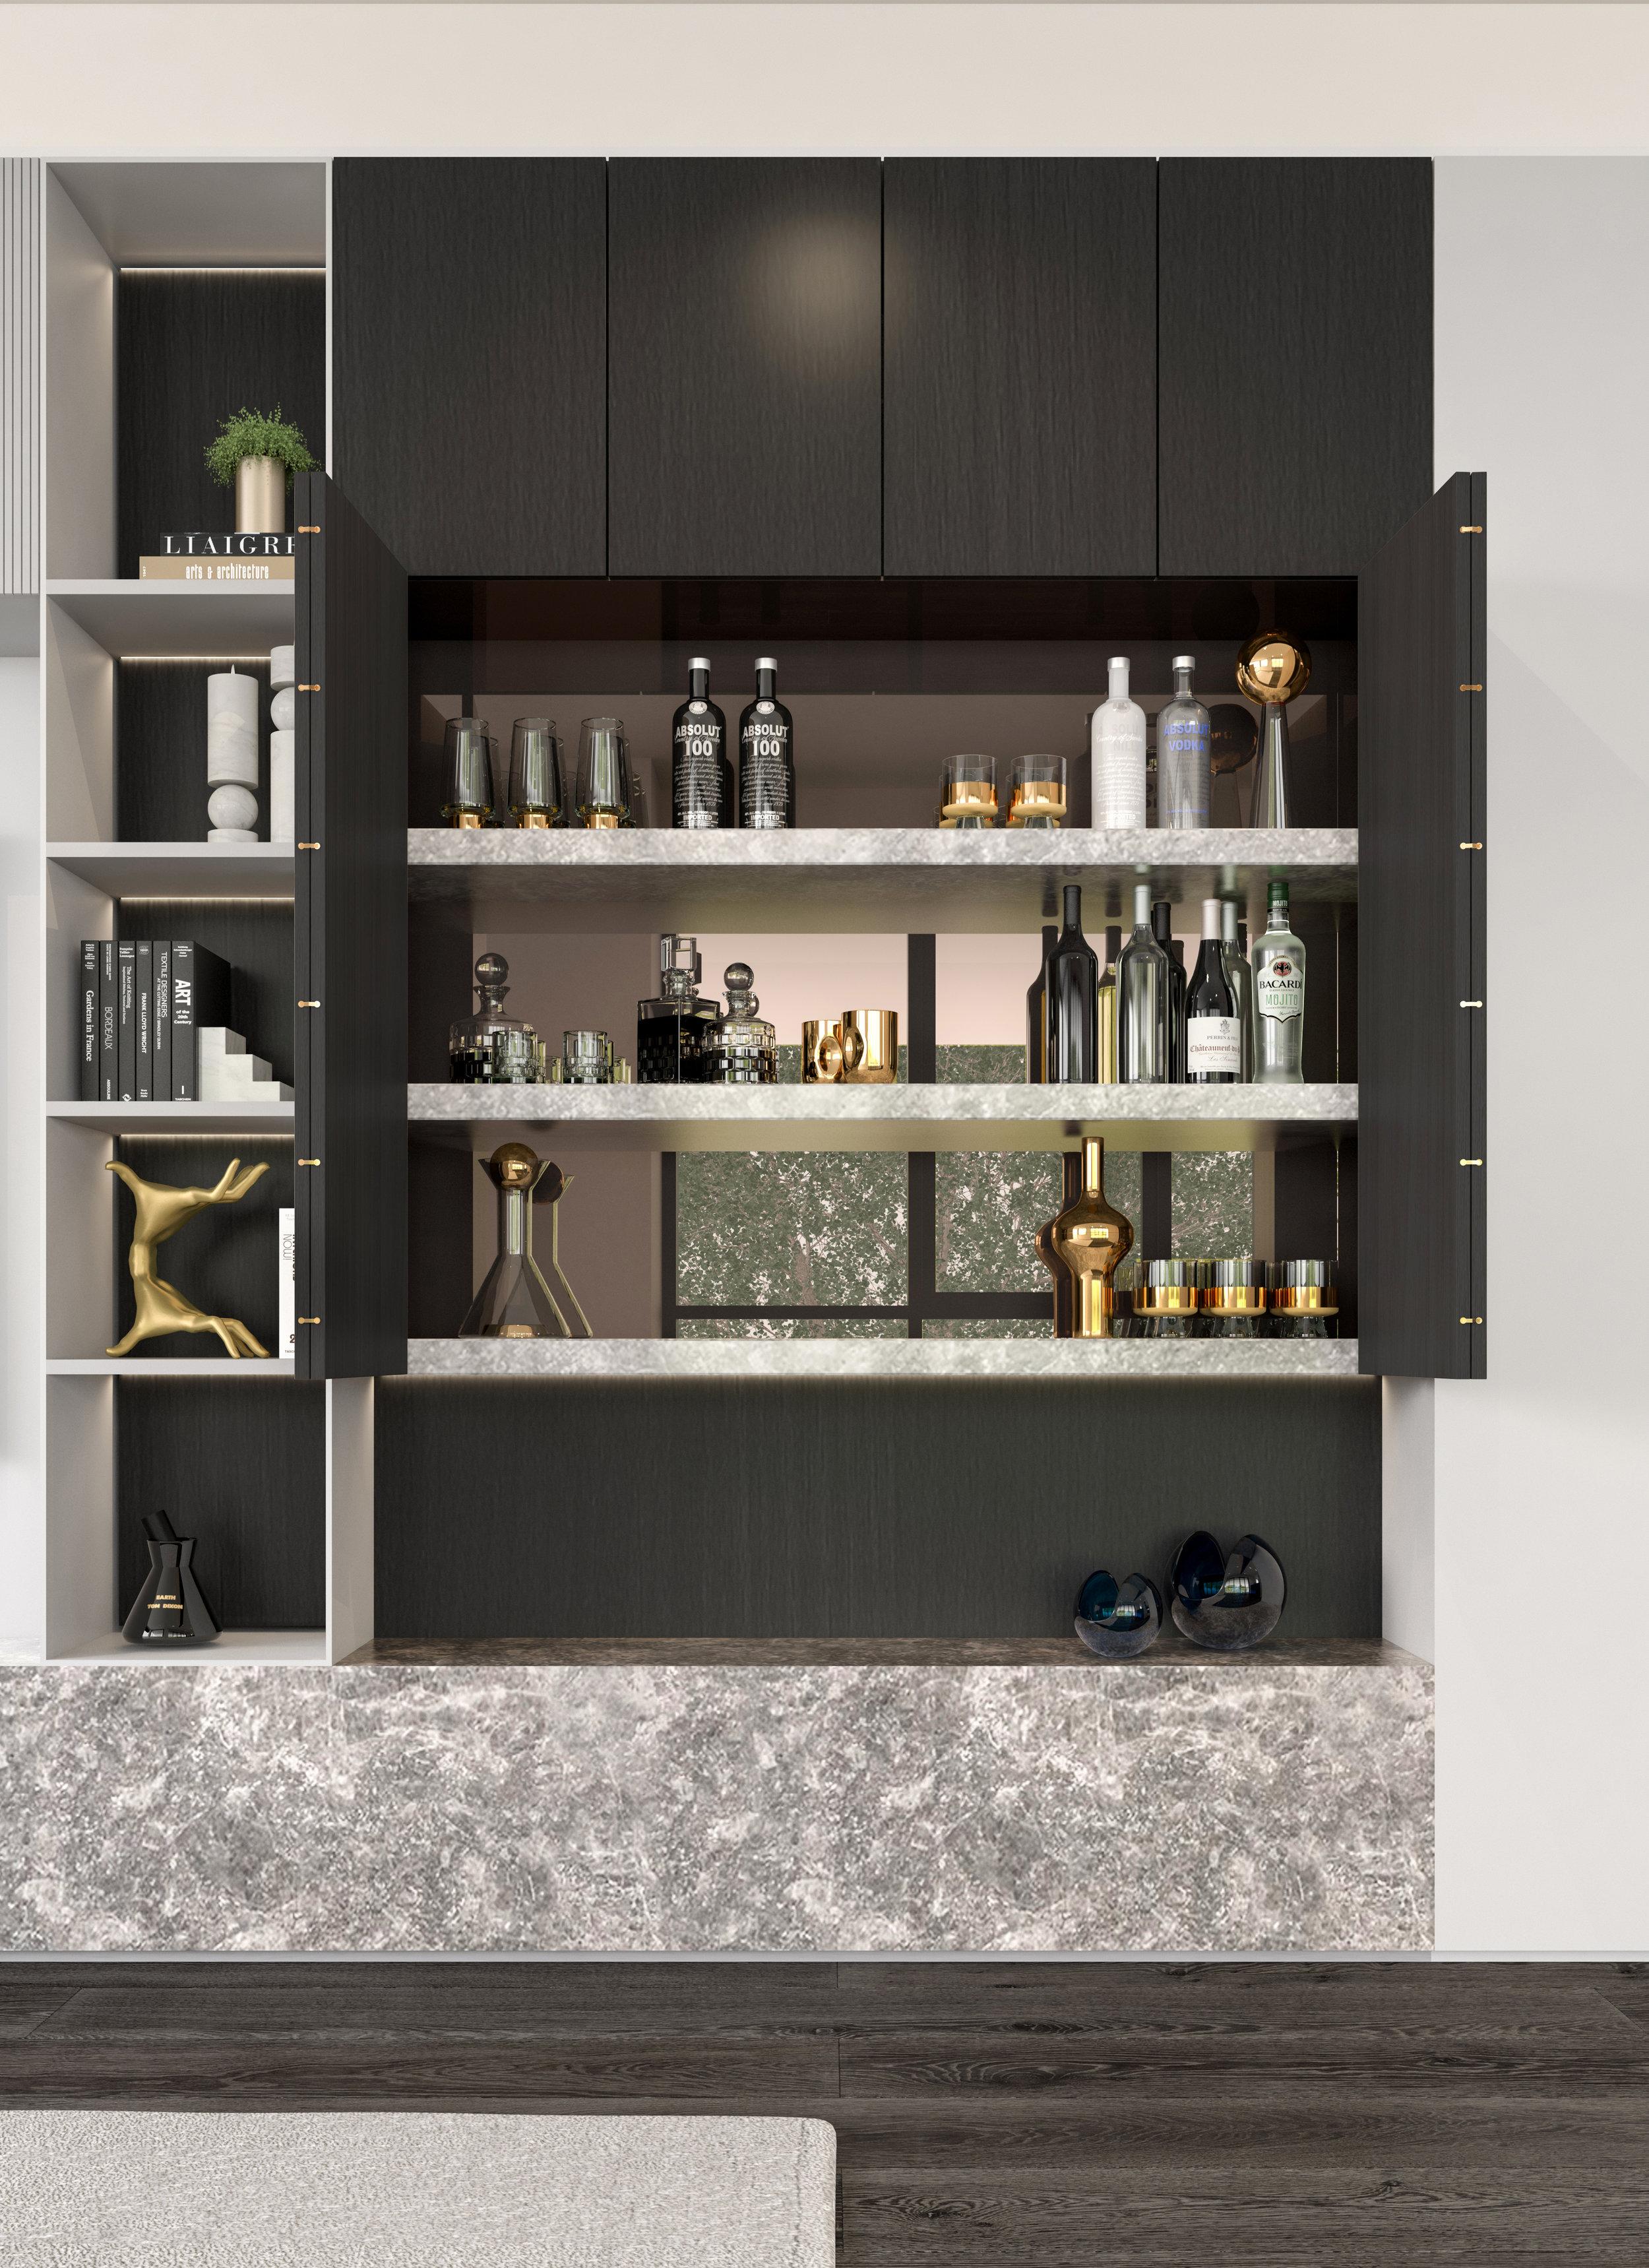 Well St - Apartment 3 - Cocktail Bar - Light Scheme HR.jpg